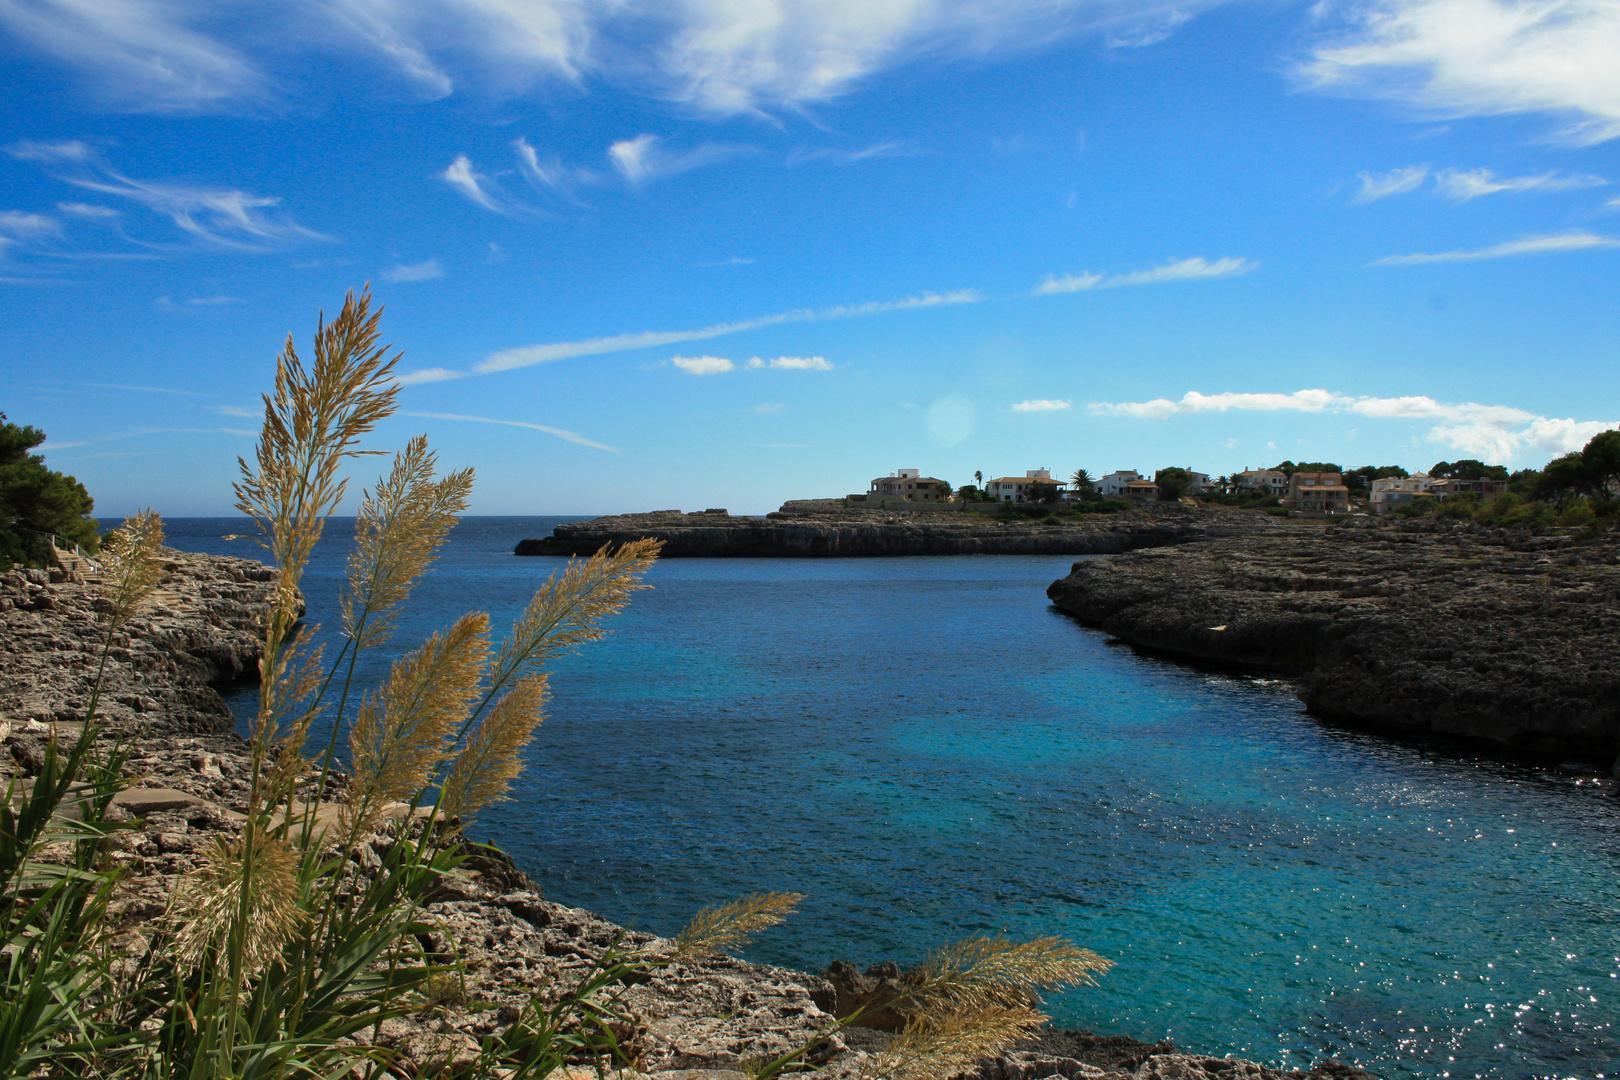 Bucht von Porto Colom, Mallorca